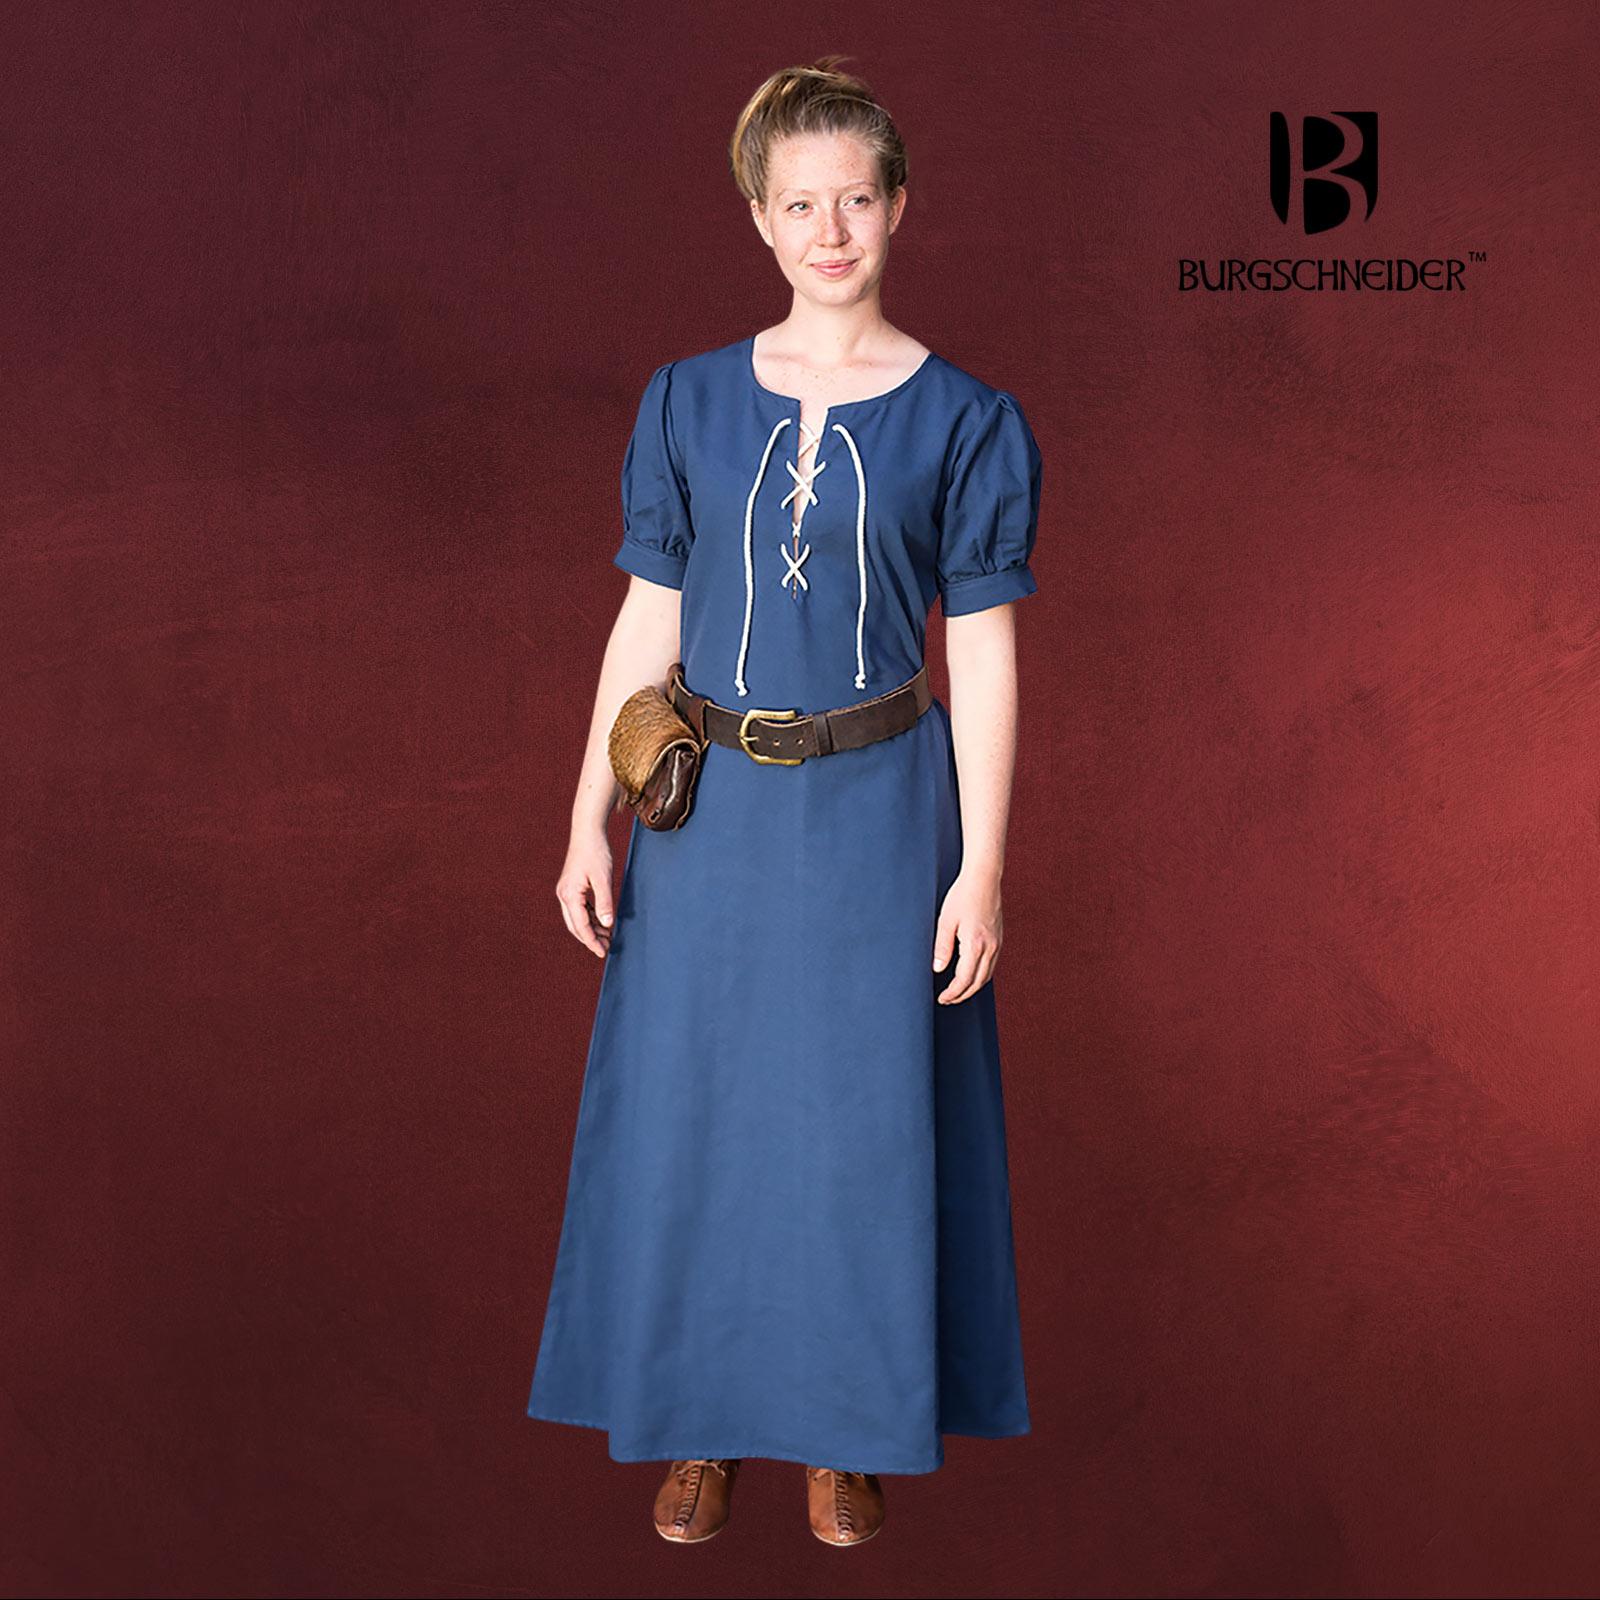 Mittelalter Kleid Gretl Kurzarm blau